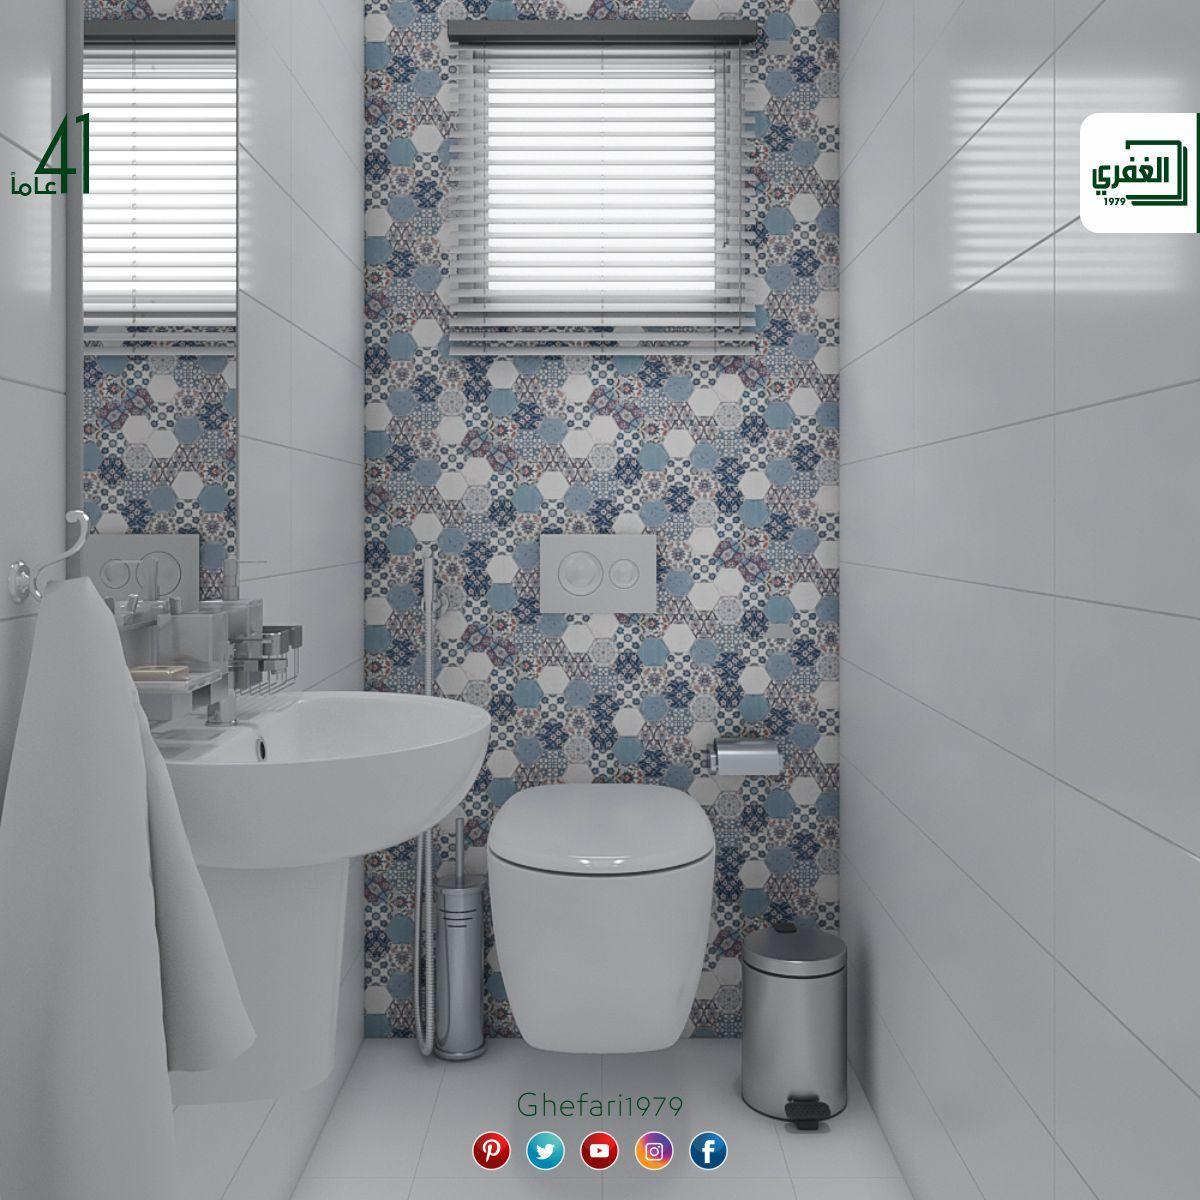 بورسلان أسباني ديكور سداسي للاستخدام داخل الحمامات المطابخ اماكن اخرى للمزيد زورونا على موقع الشركة Https Www Ghefari Com Ar Joker Bathroom Toilet Joker